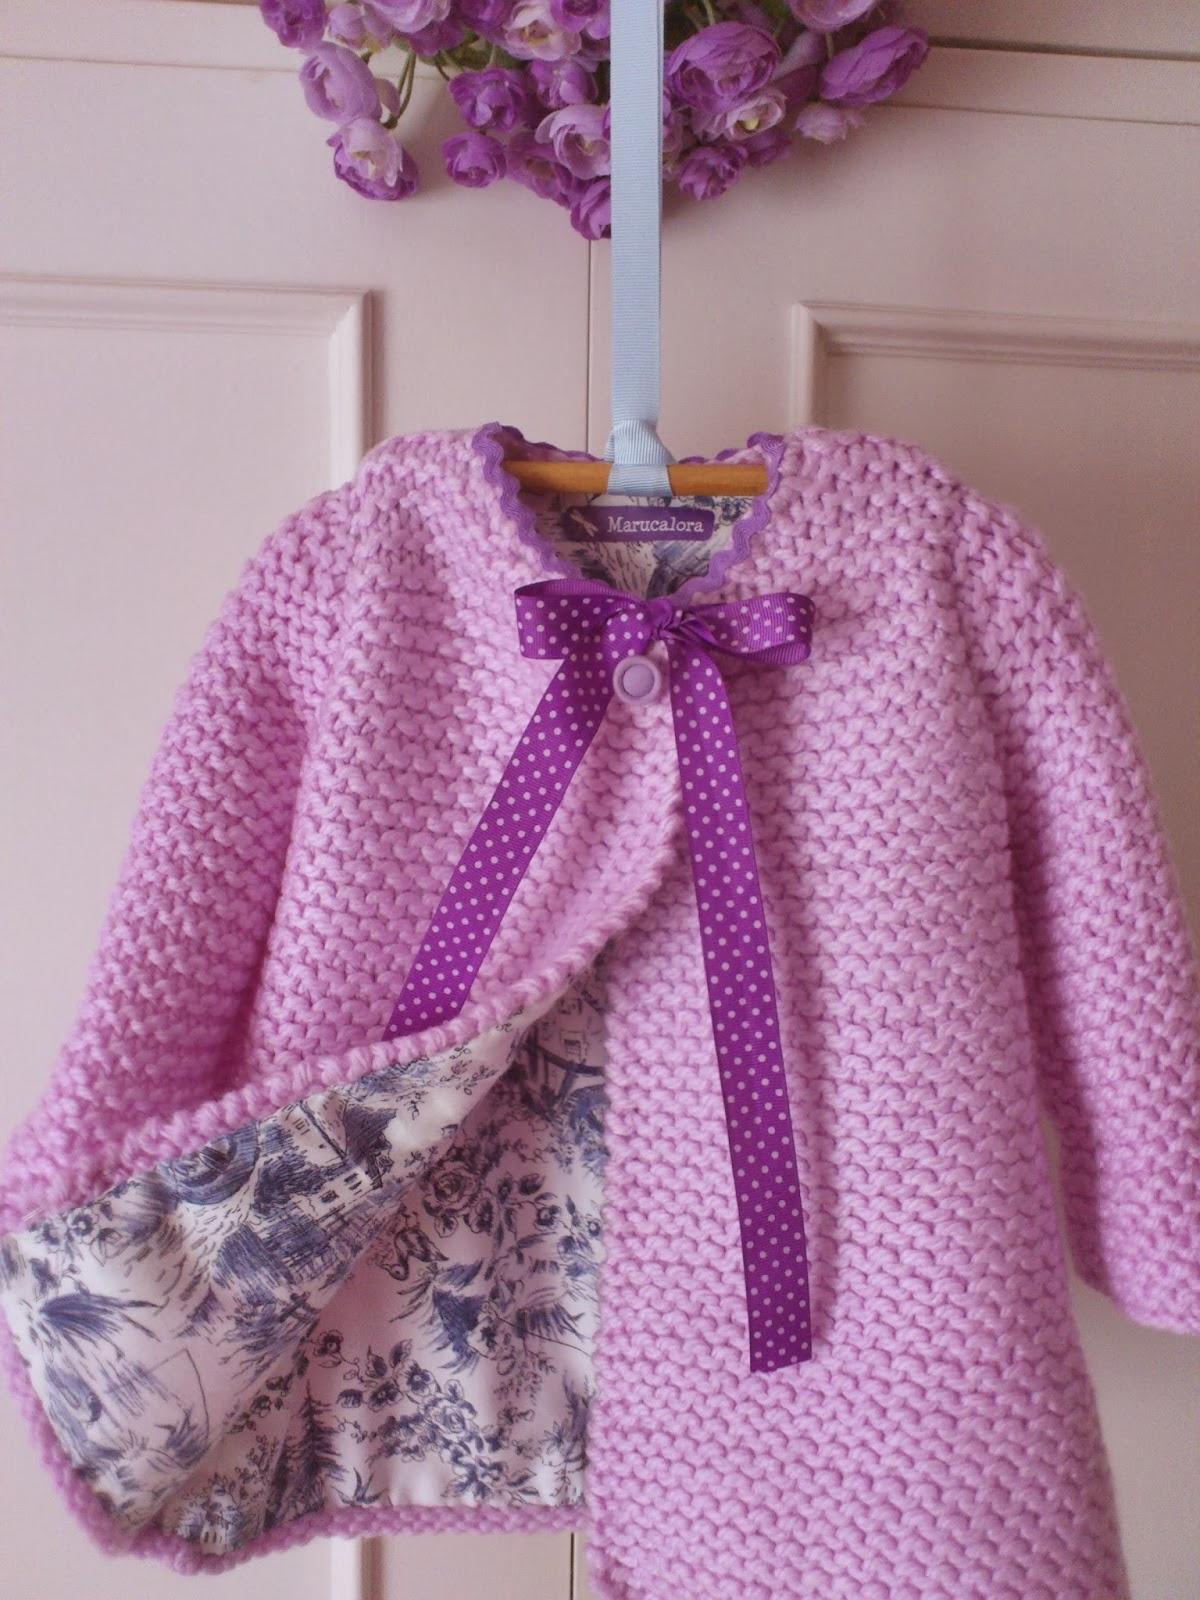 La costura de Marucalora: enero 2014